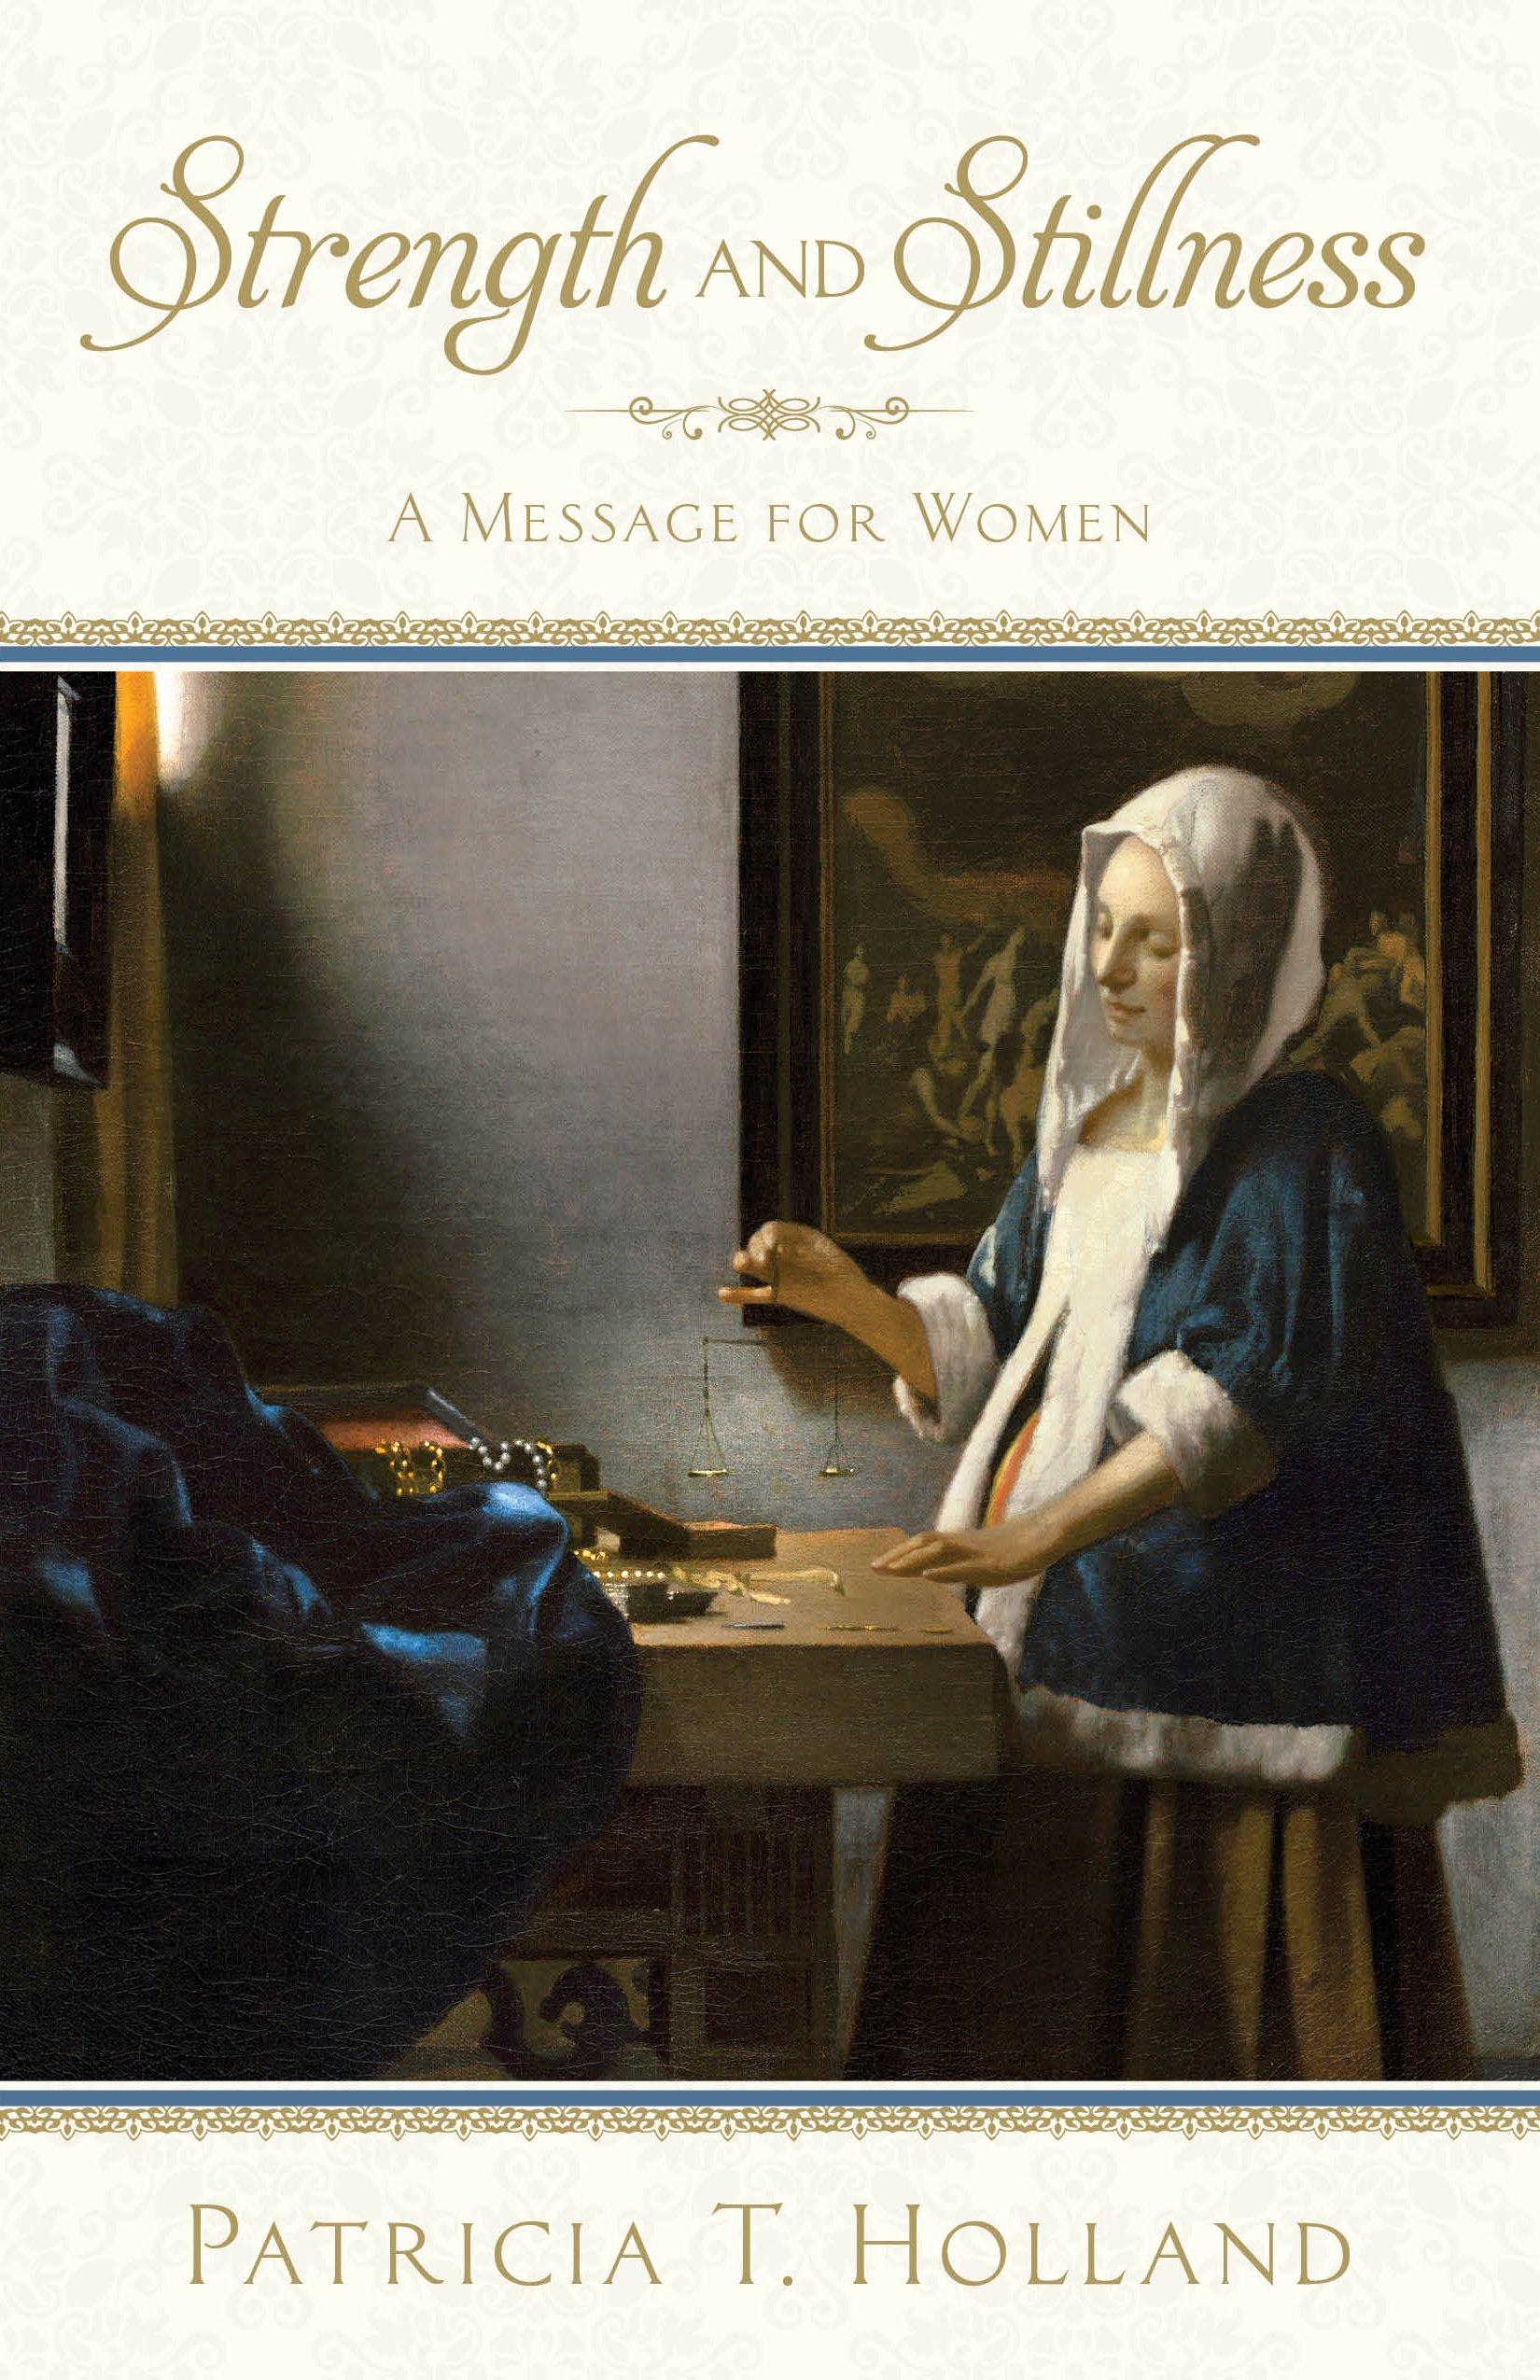 Strength and Stillness: A Message for Women